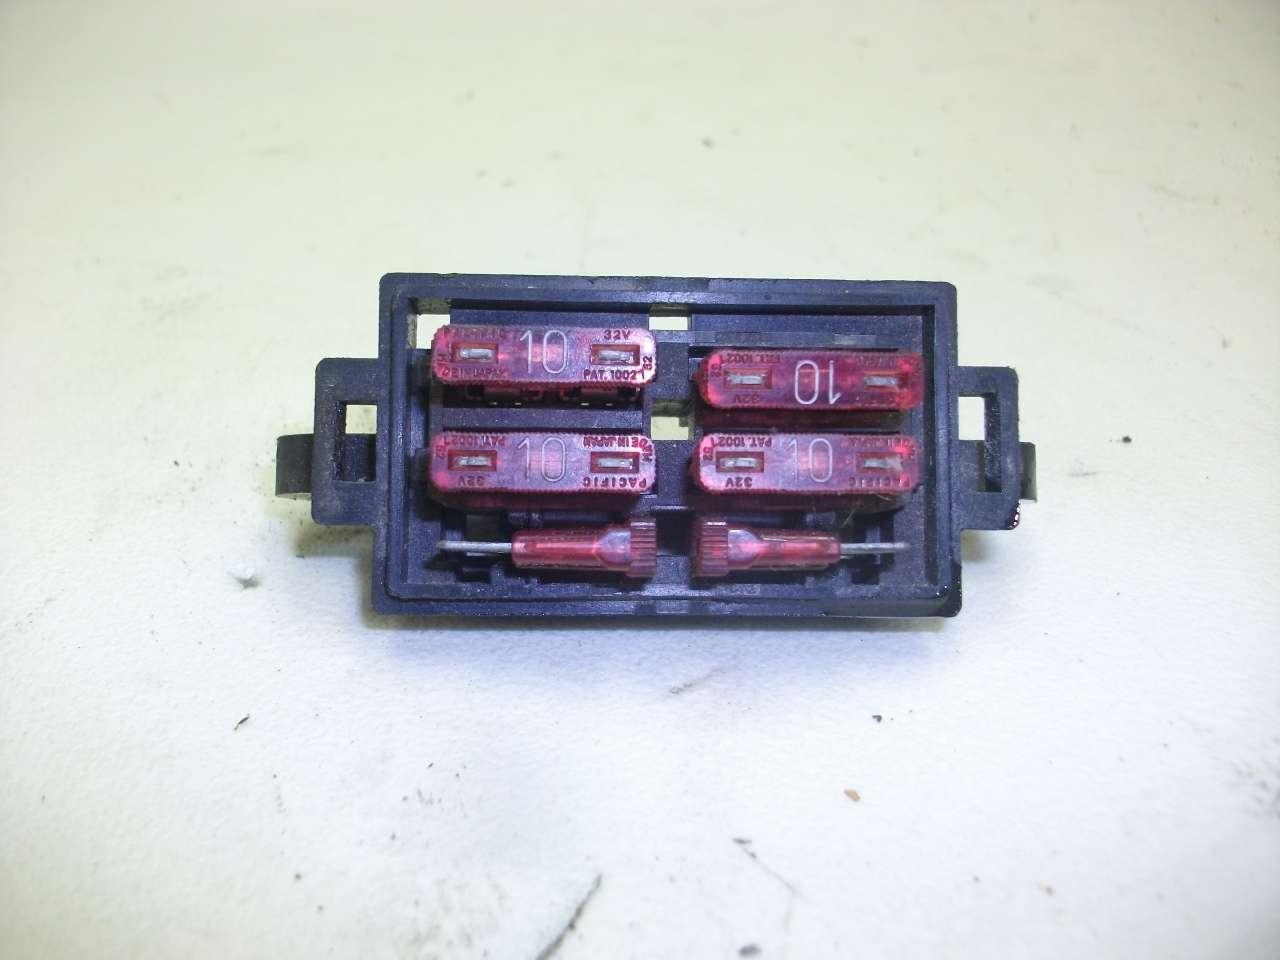 hight resolution of suzuki burgman 125 fuse box wiring library rh 31 bloxhuette de suzuki 125 motorcycle suzuki burgman heating